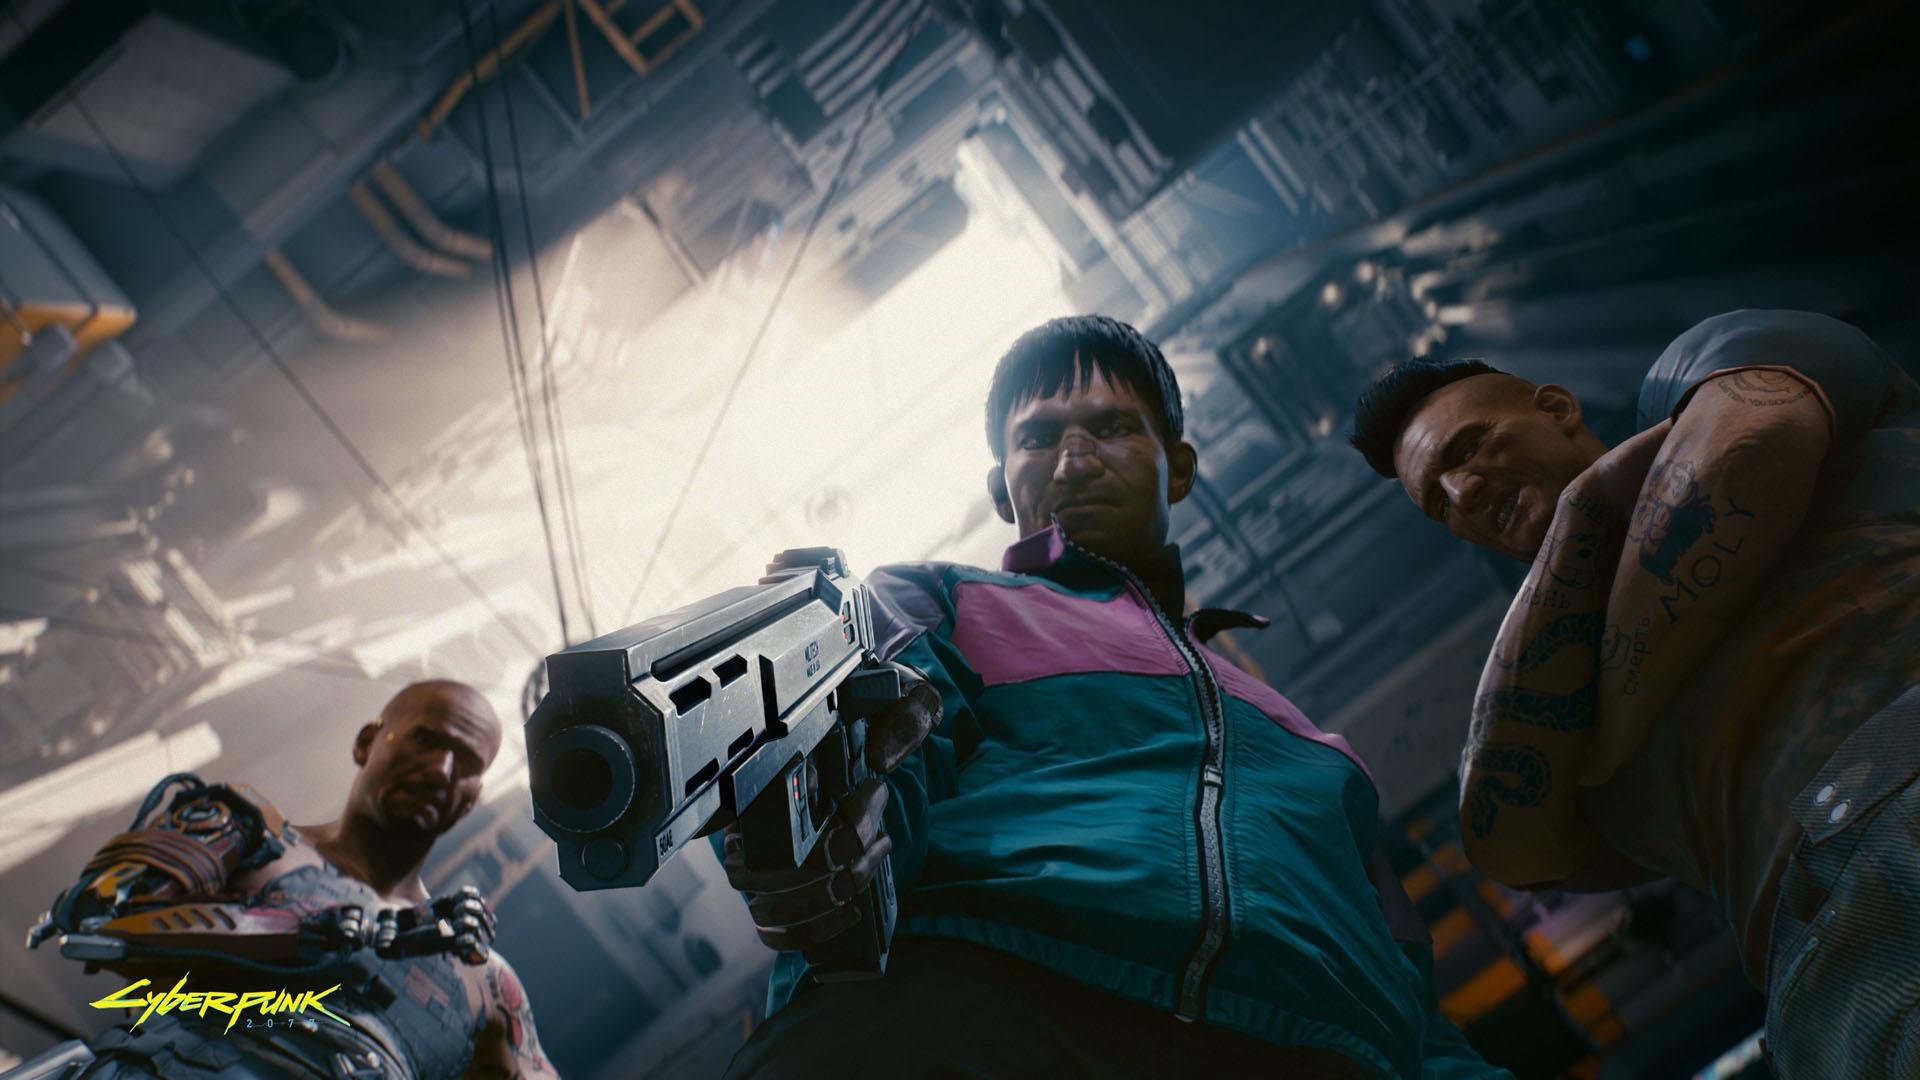 """Fikk du med deg denne """"Cyberpunk 2077""""-detaljen?"""